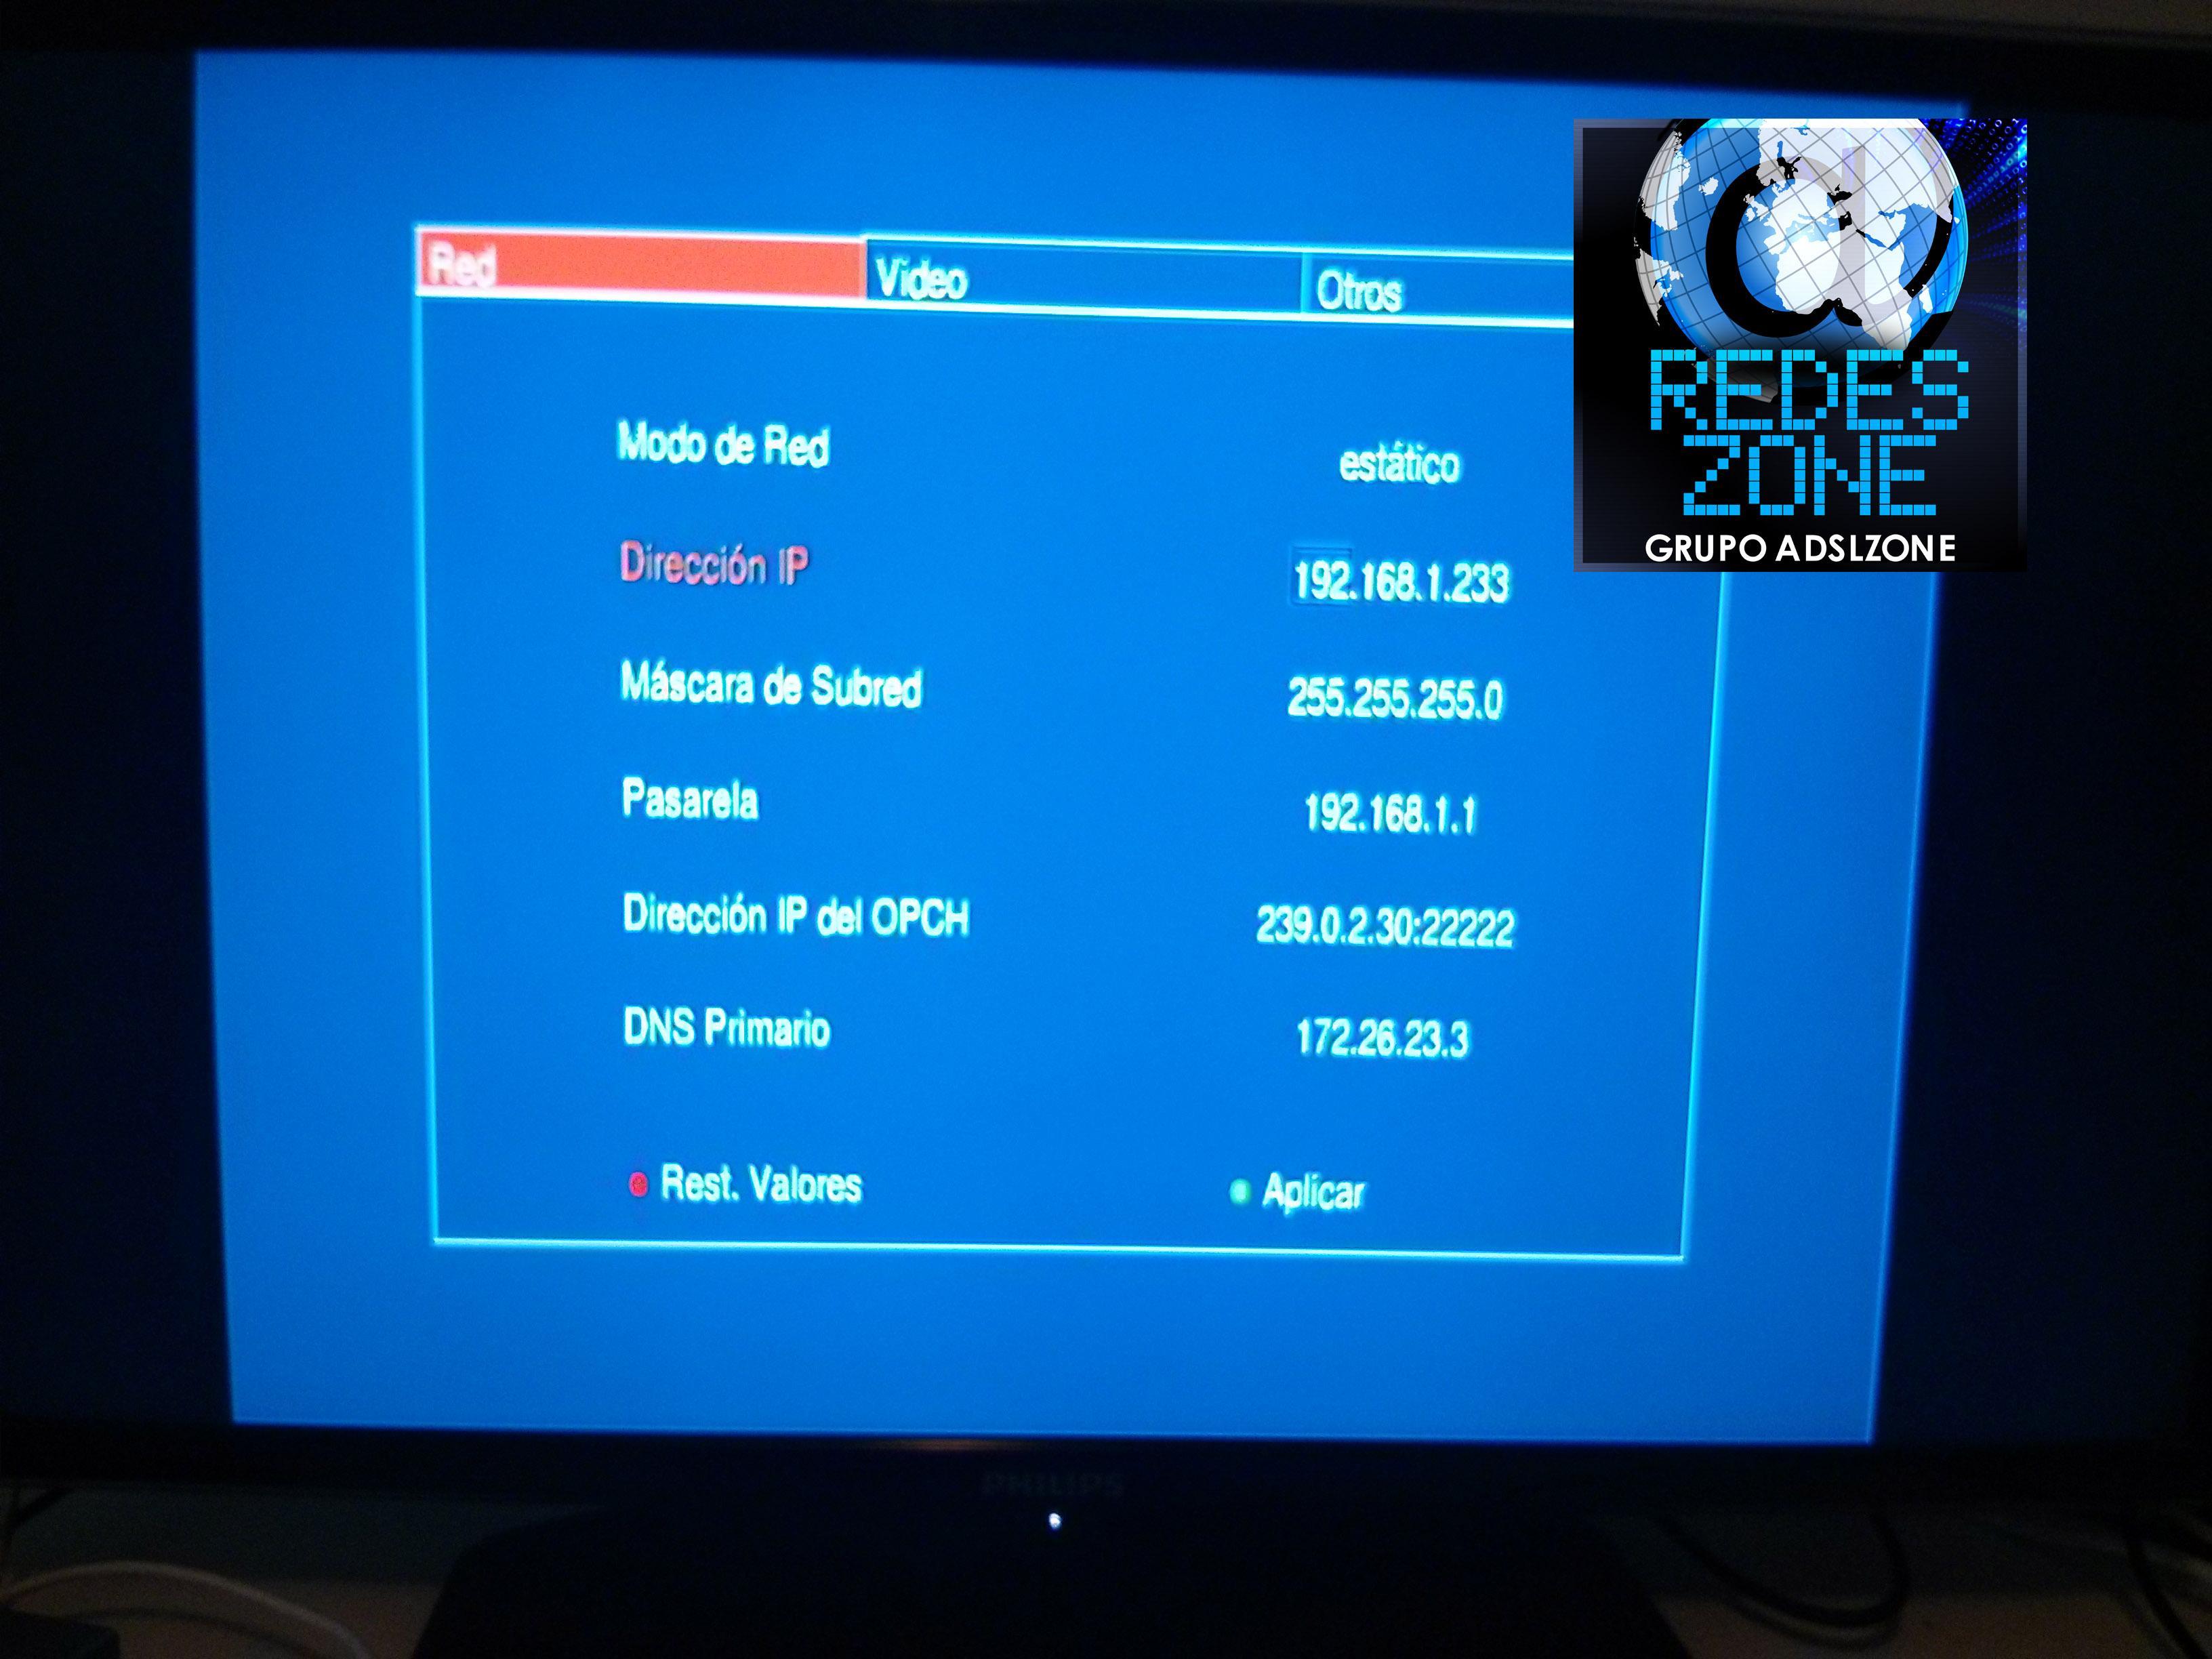 Cómo configurar IPTV (Movistar TV) del FTTH de Movistar utilizando